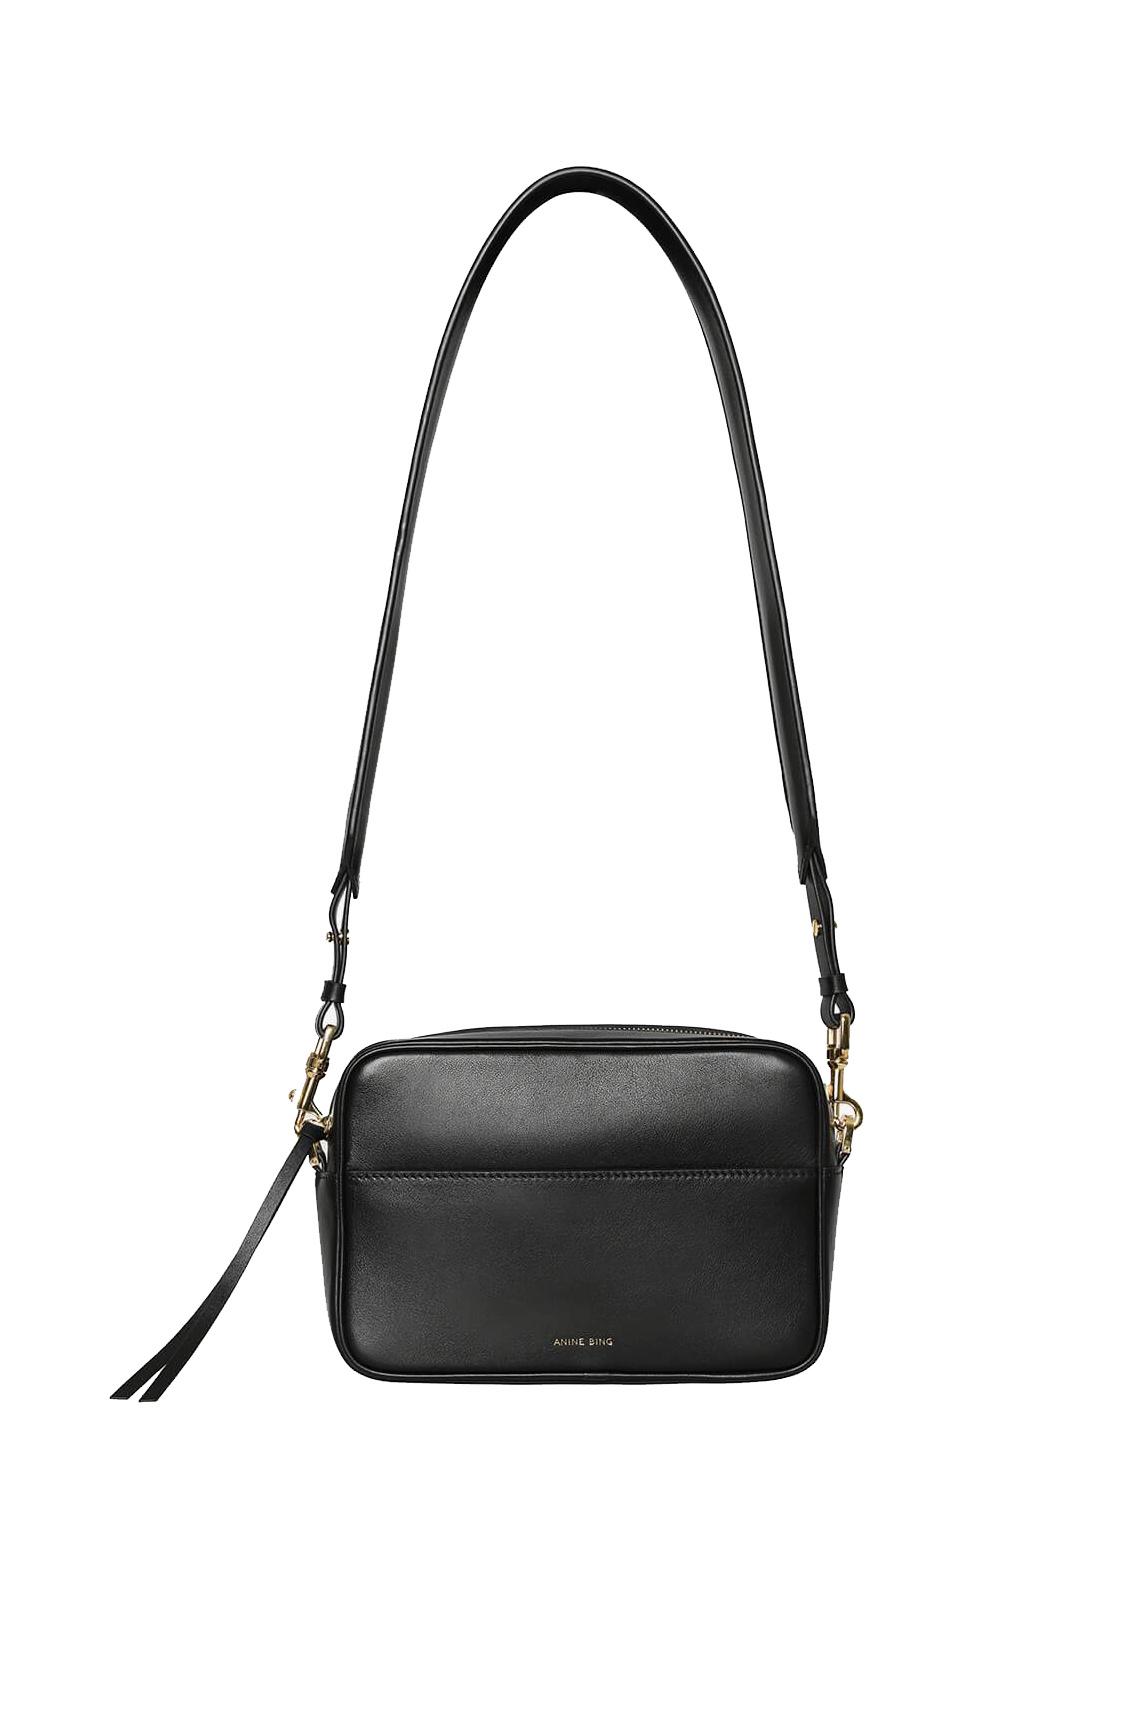 Alice Bag - Solid Black-1